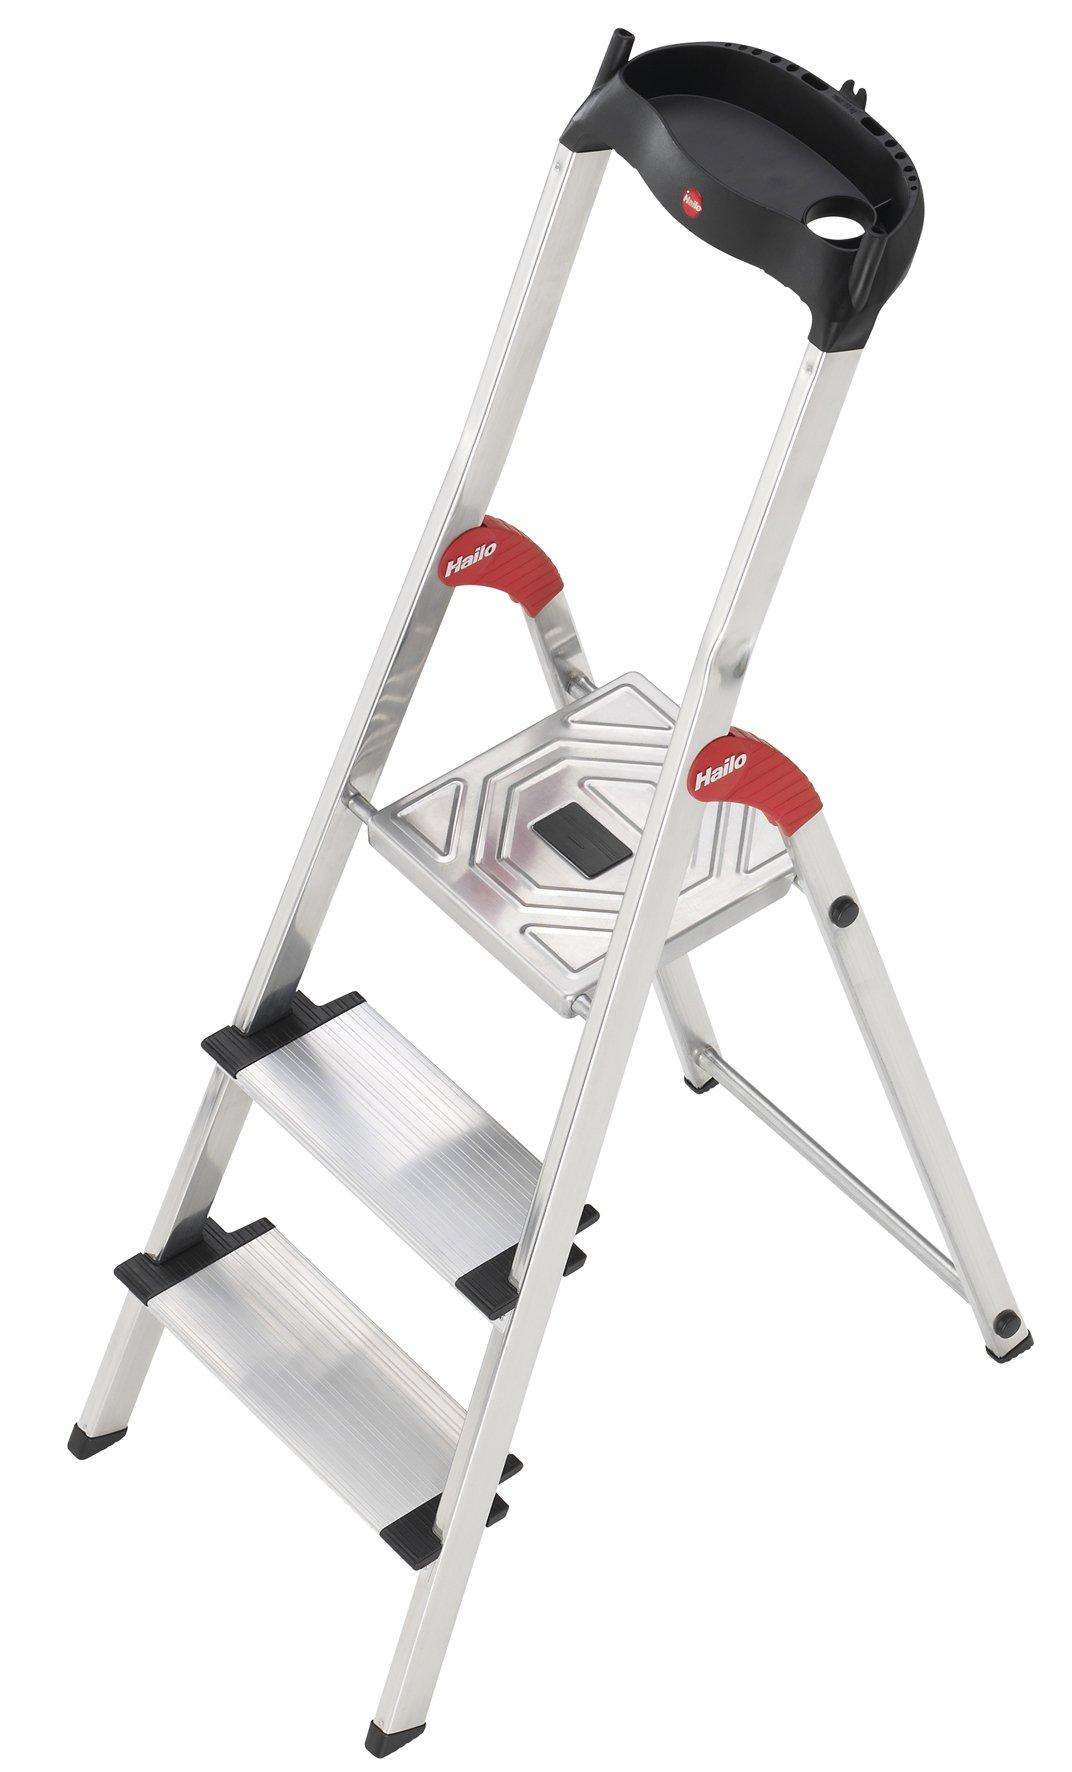 Hailo 8813-001 Escalera 3 peldaños Extra Anchos de 13 cm, Aluminio, Negro: Amazon.es: Bricolaje y herramientas